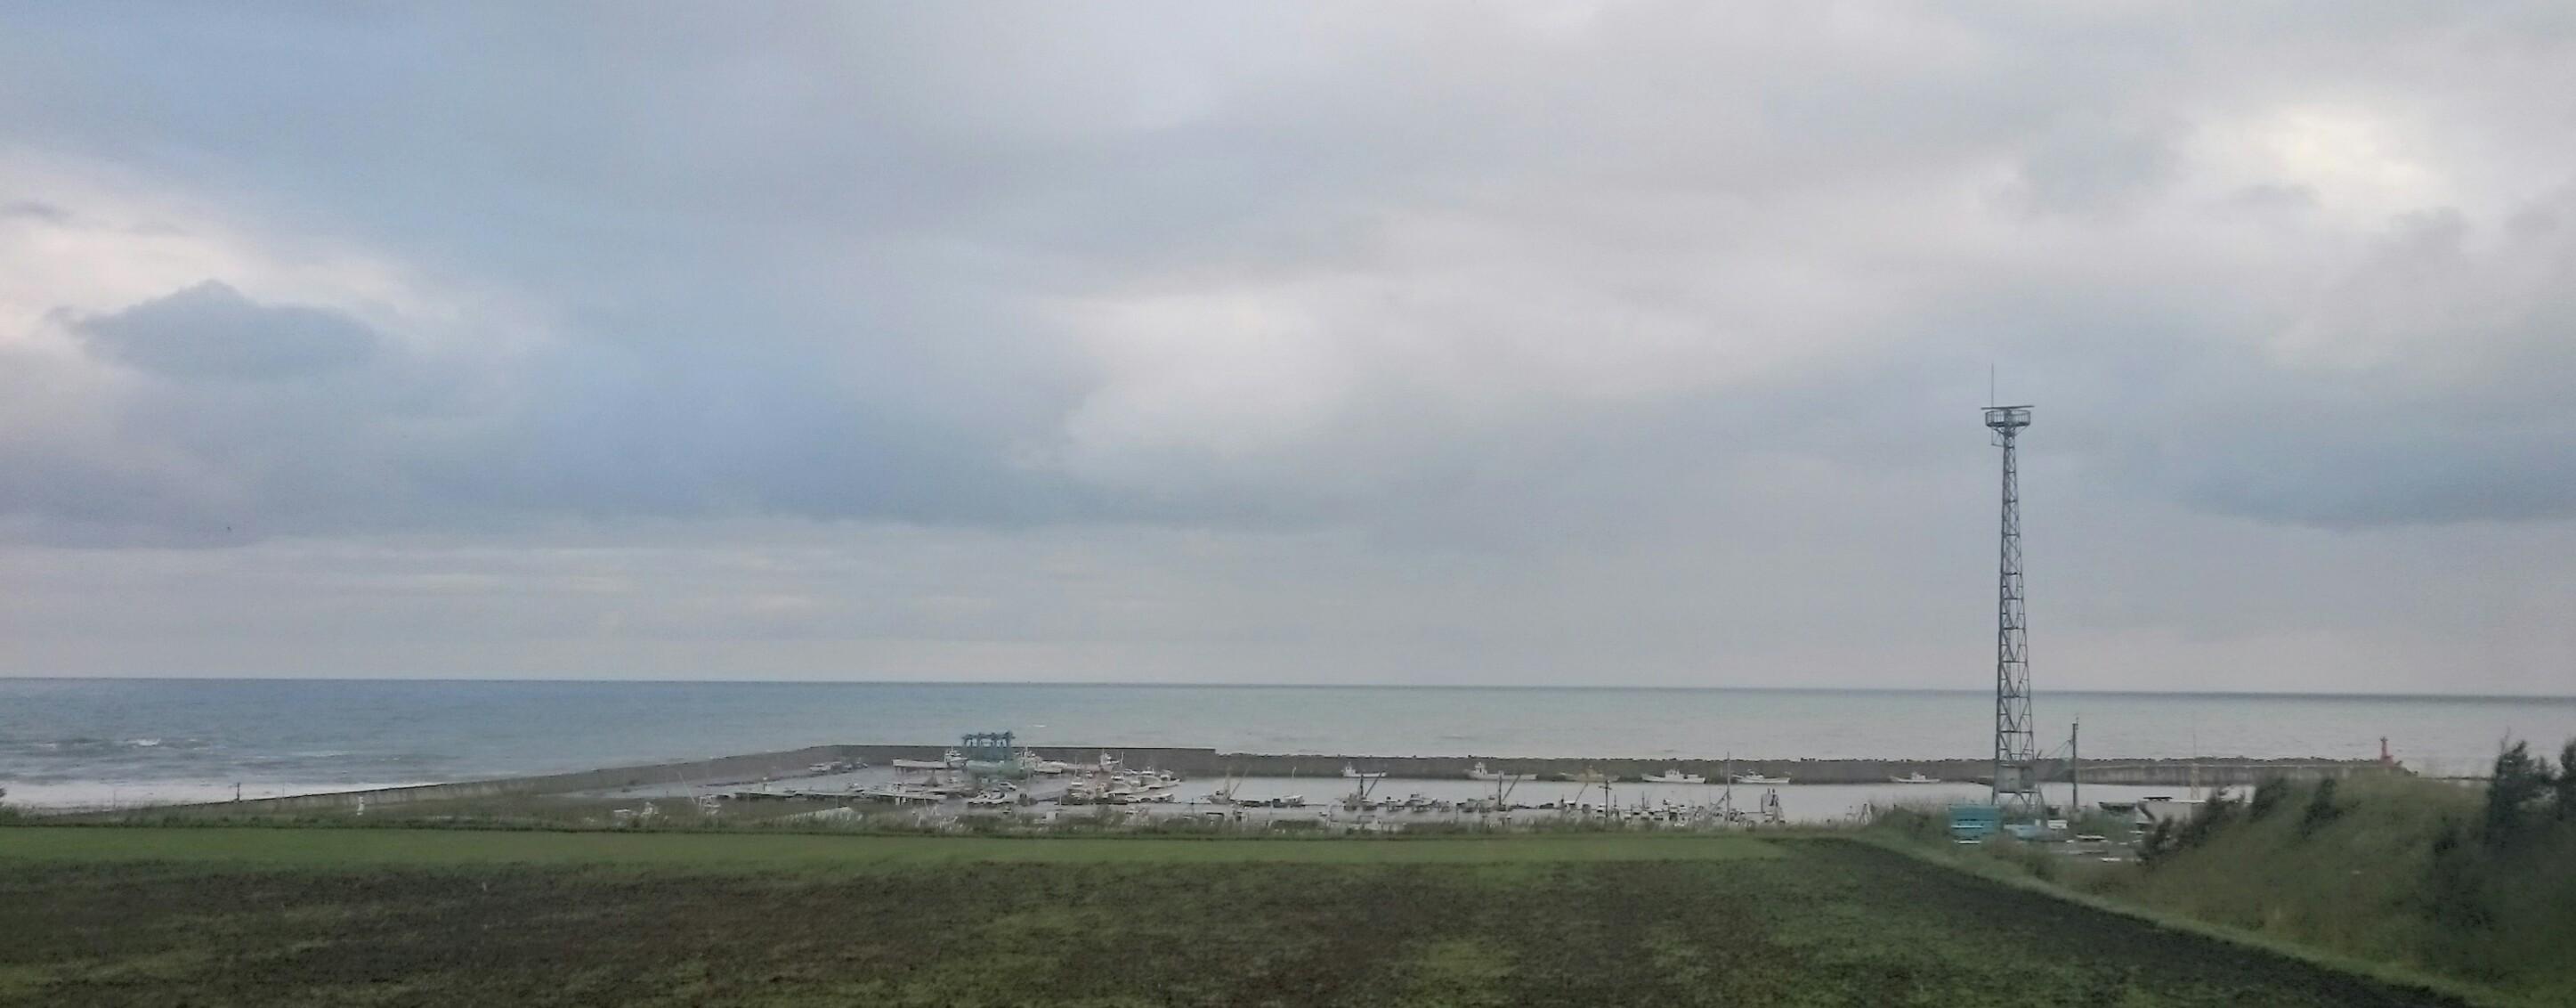 今朝の常呂漁港